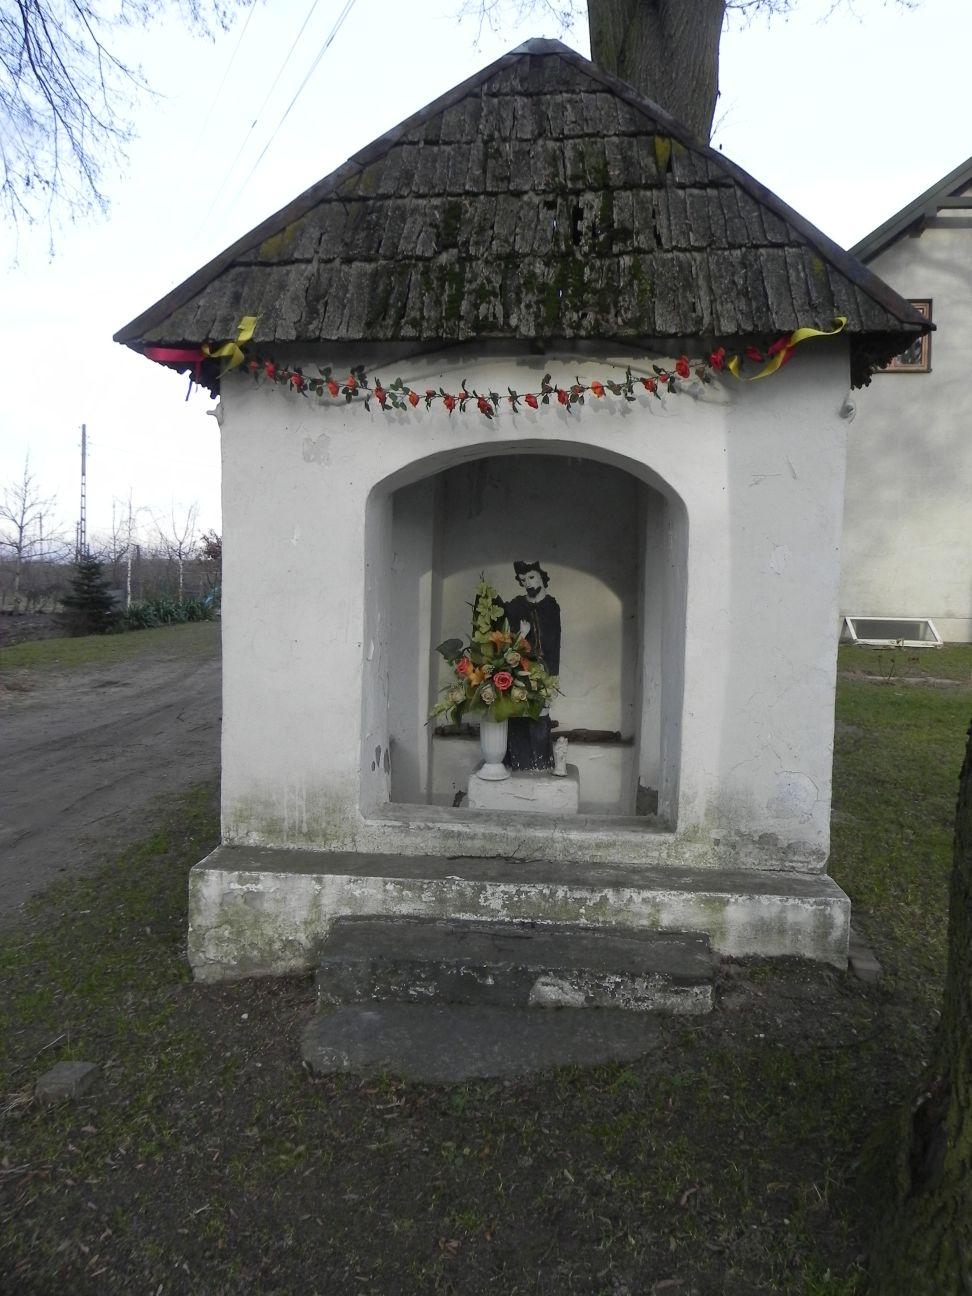 2013-12-26 Bujały - Kapliczka (3)